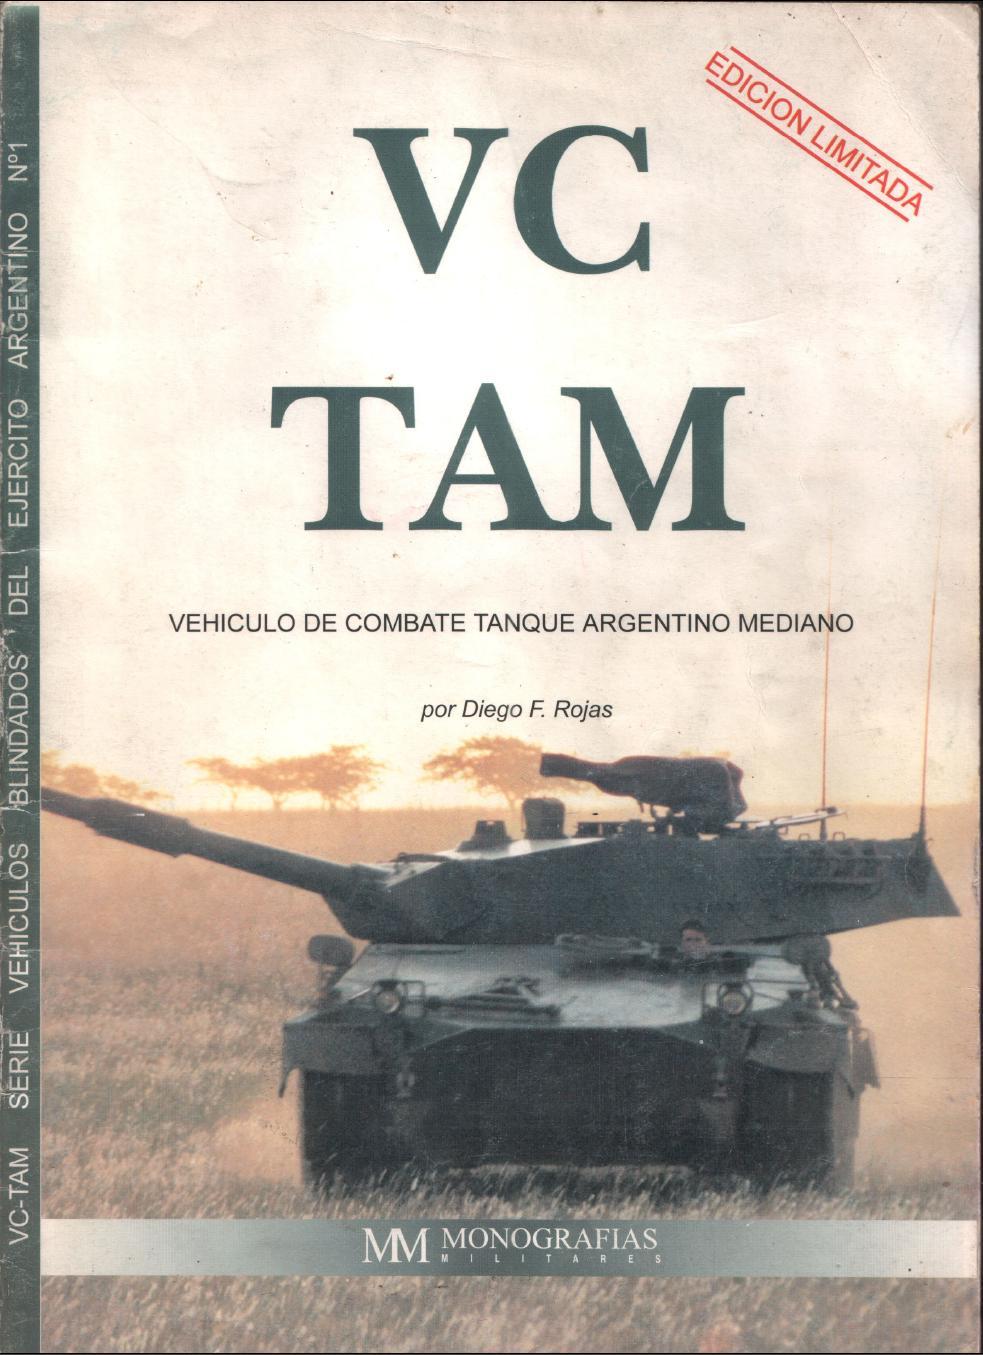 Revistas y libros militares serie vehiculos blindados del for Revistas del espectaculo argentino